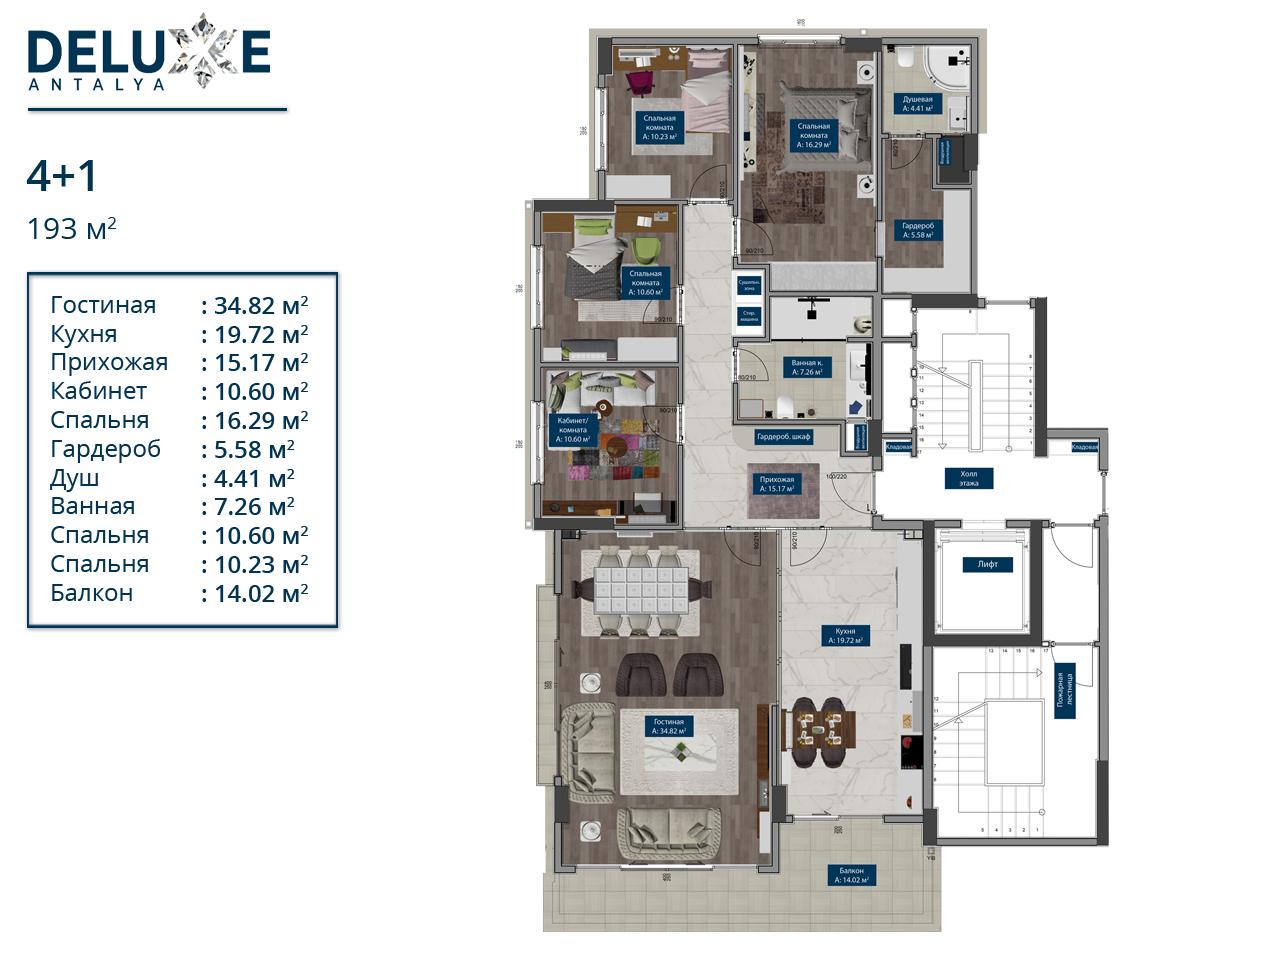 5-комнатные, 193 м² 3 спальни + 1 зал + 1 кабинет